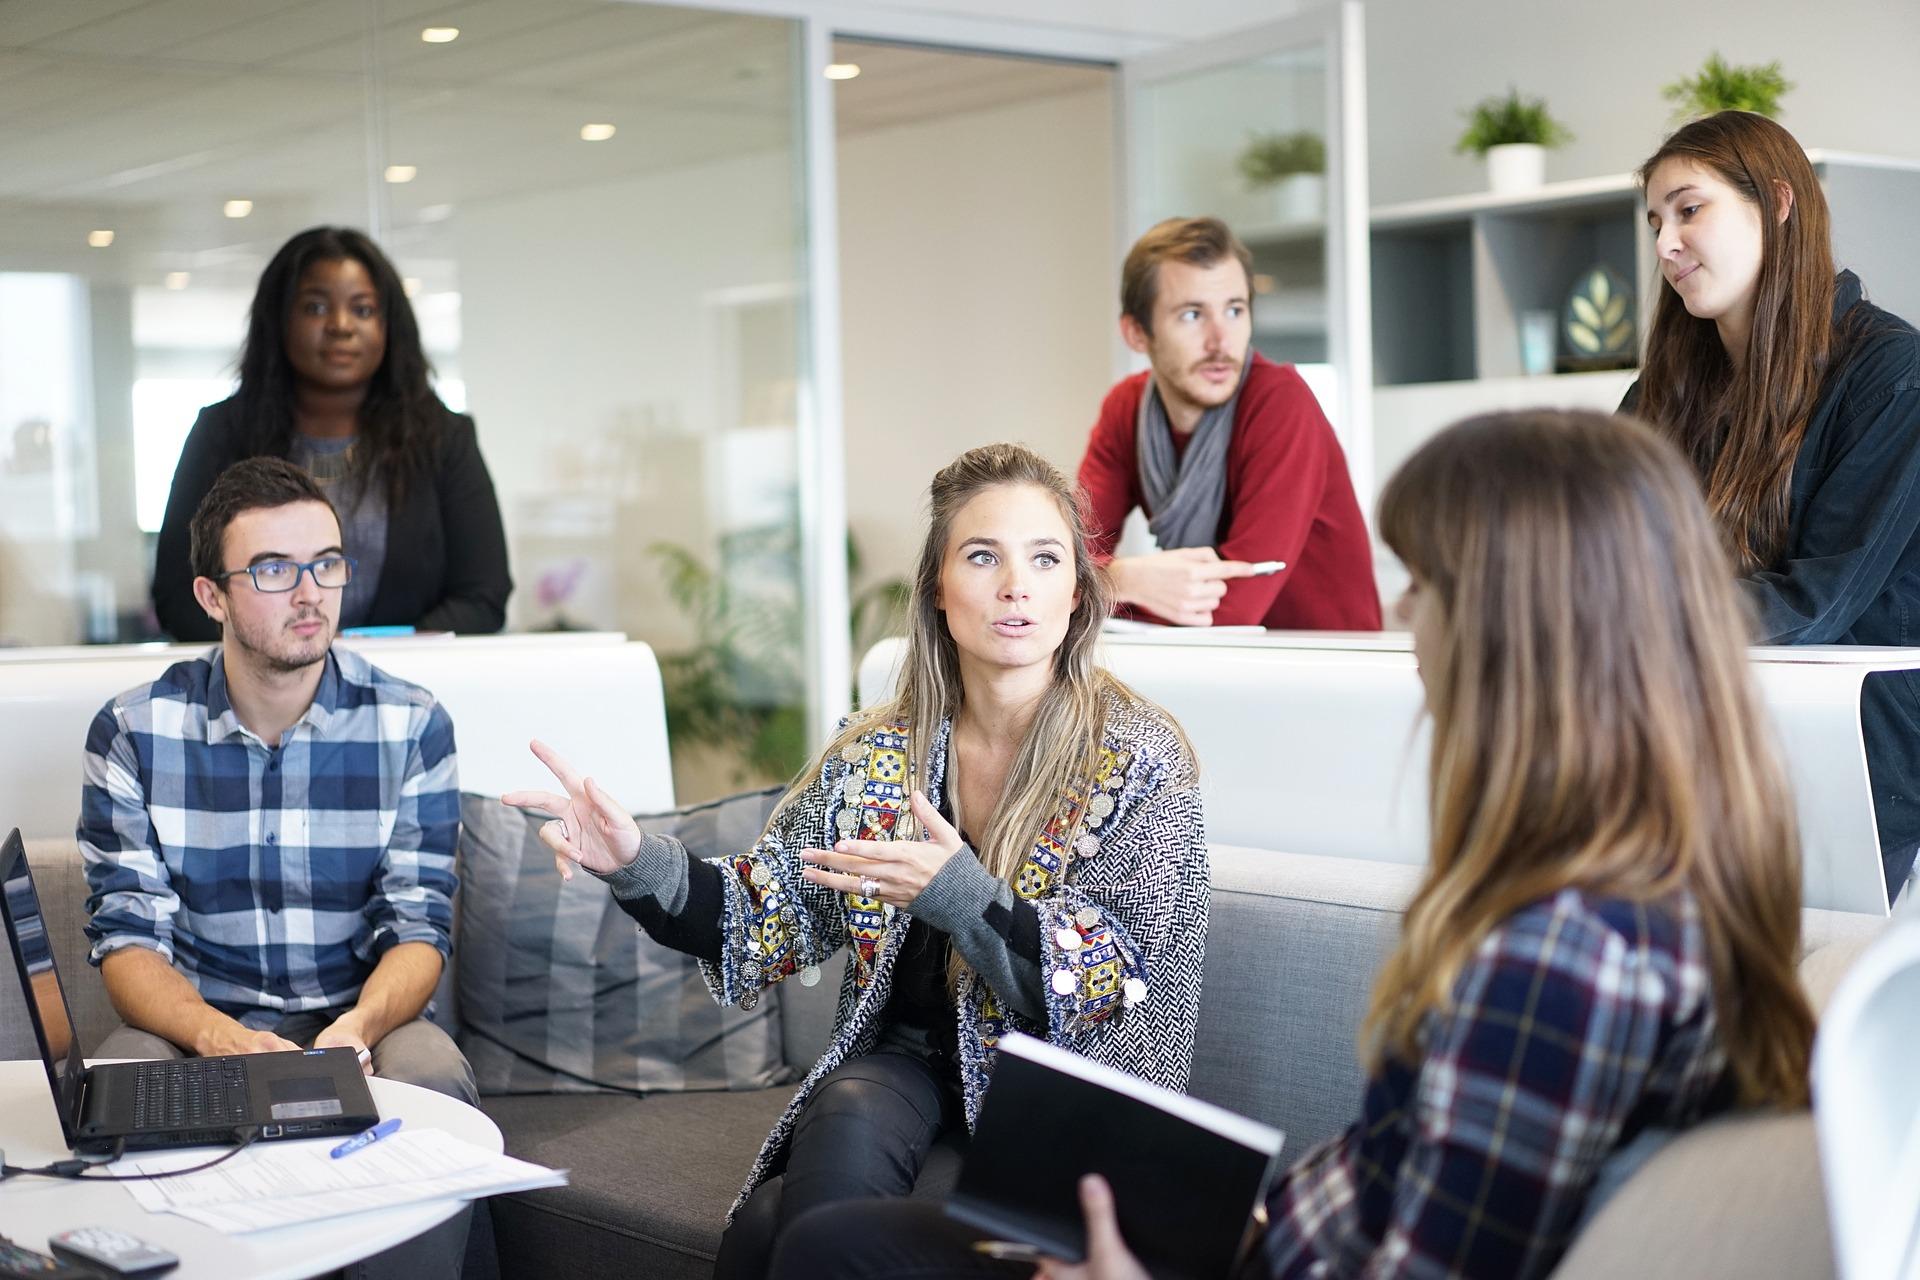 lugar-de-trabajo-equipo-reunion-de-negoc